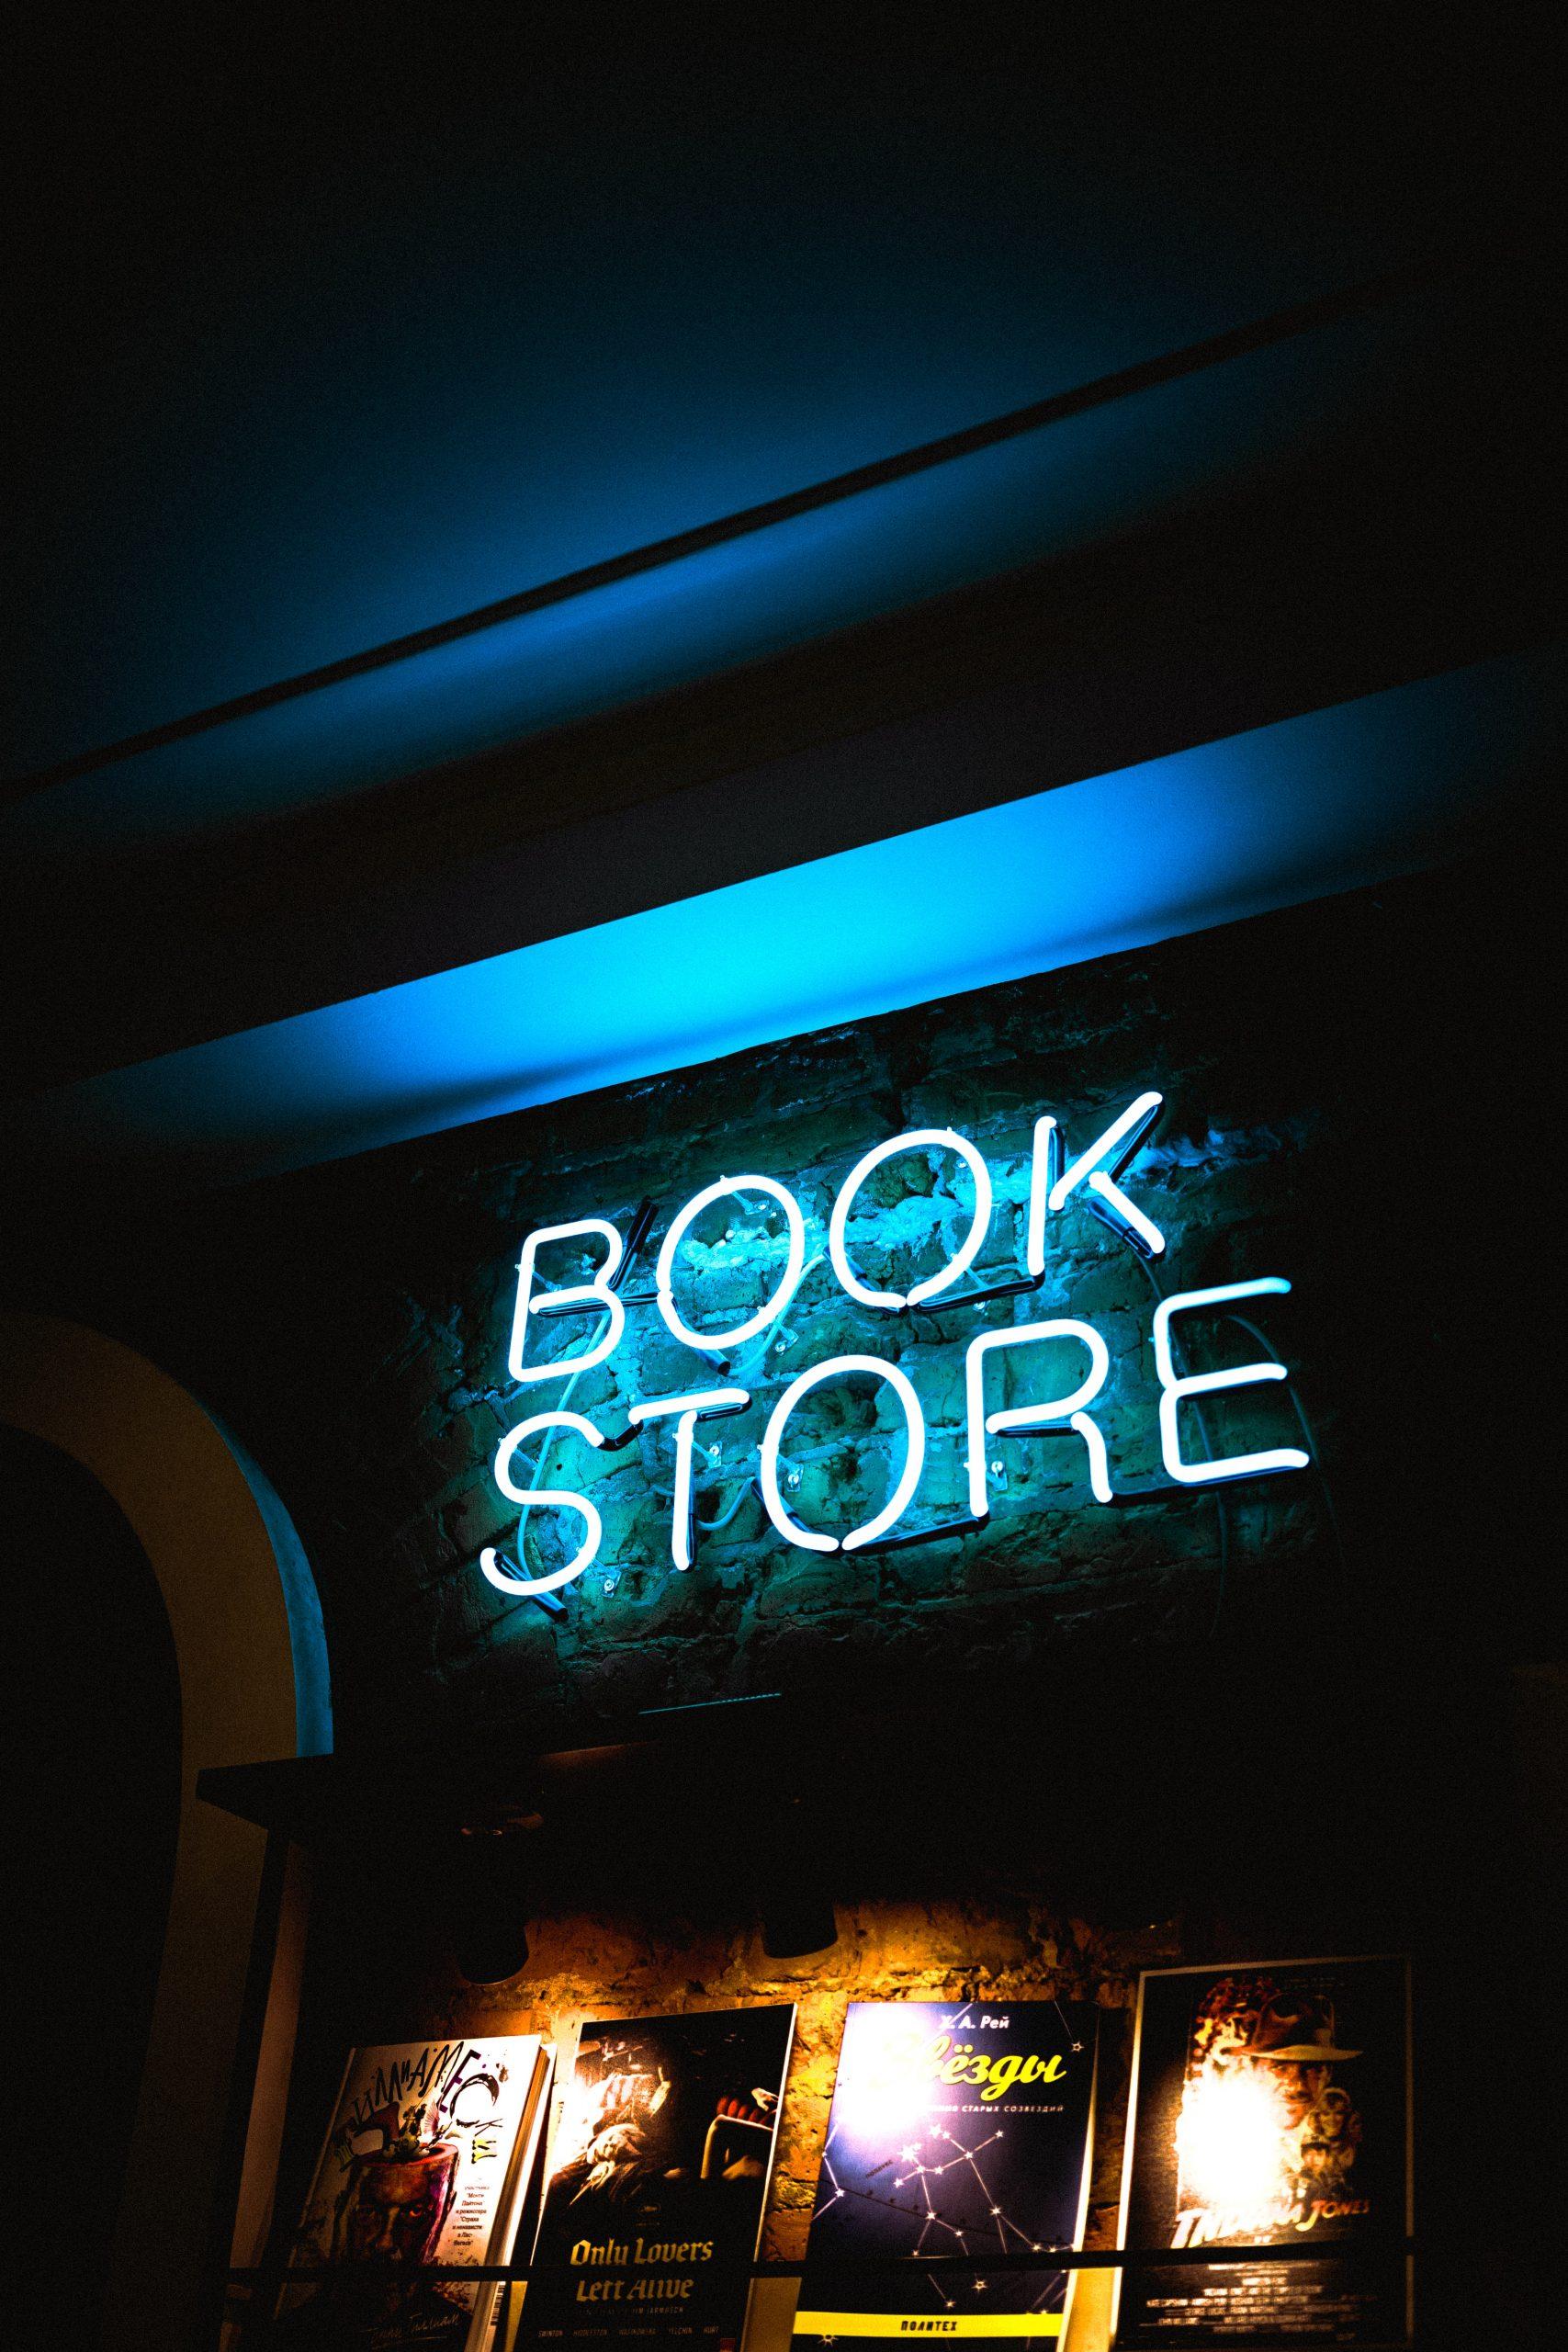 Lightning Pop-Up Bücher Store